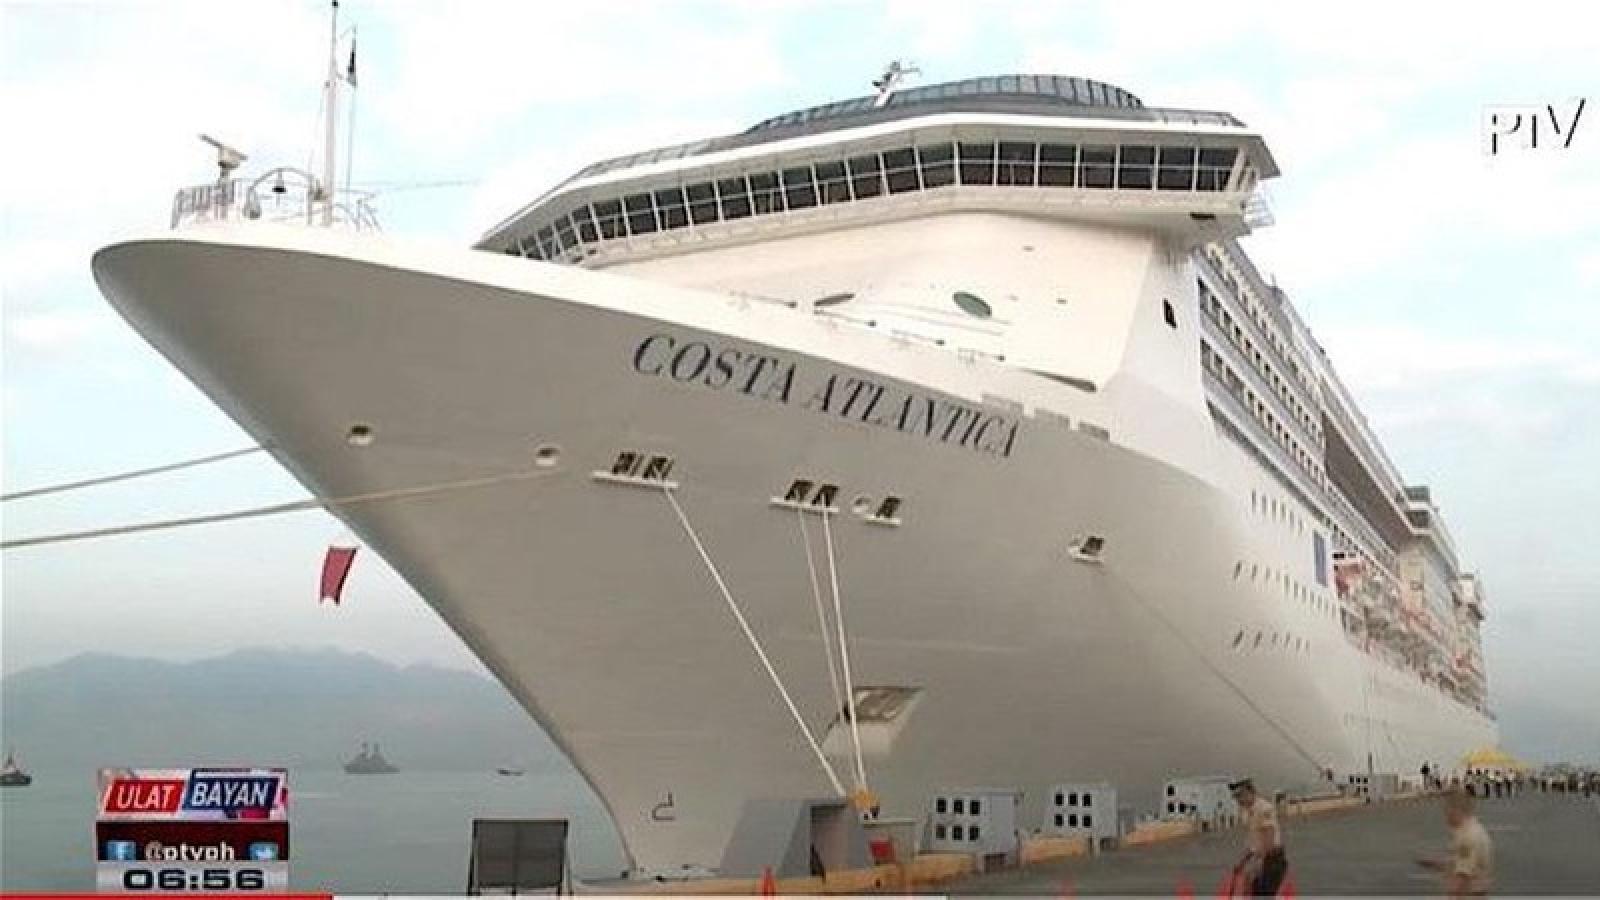 Nhật Bản đương đầu với ổ dịch mới trên du thuyền Costa Atlantica